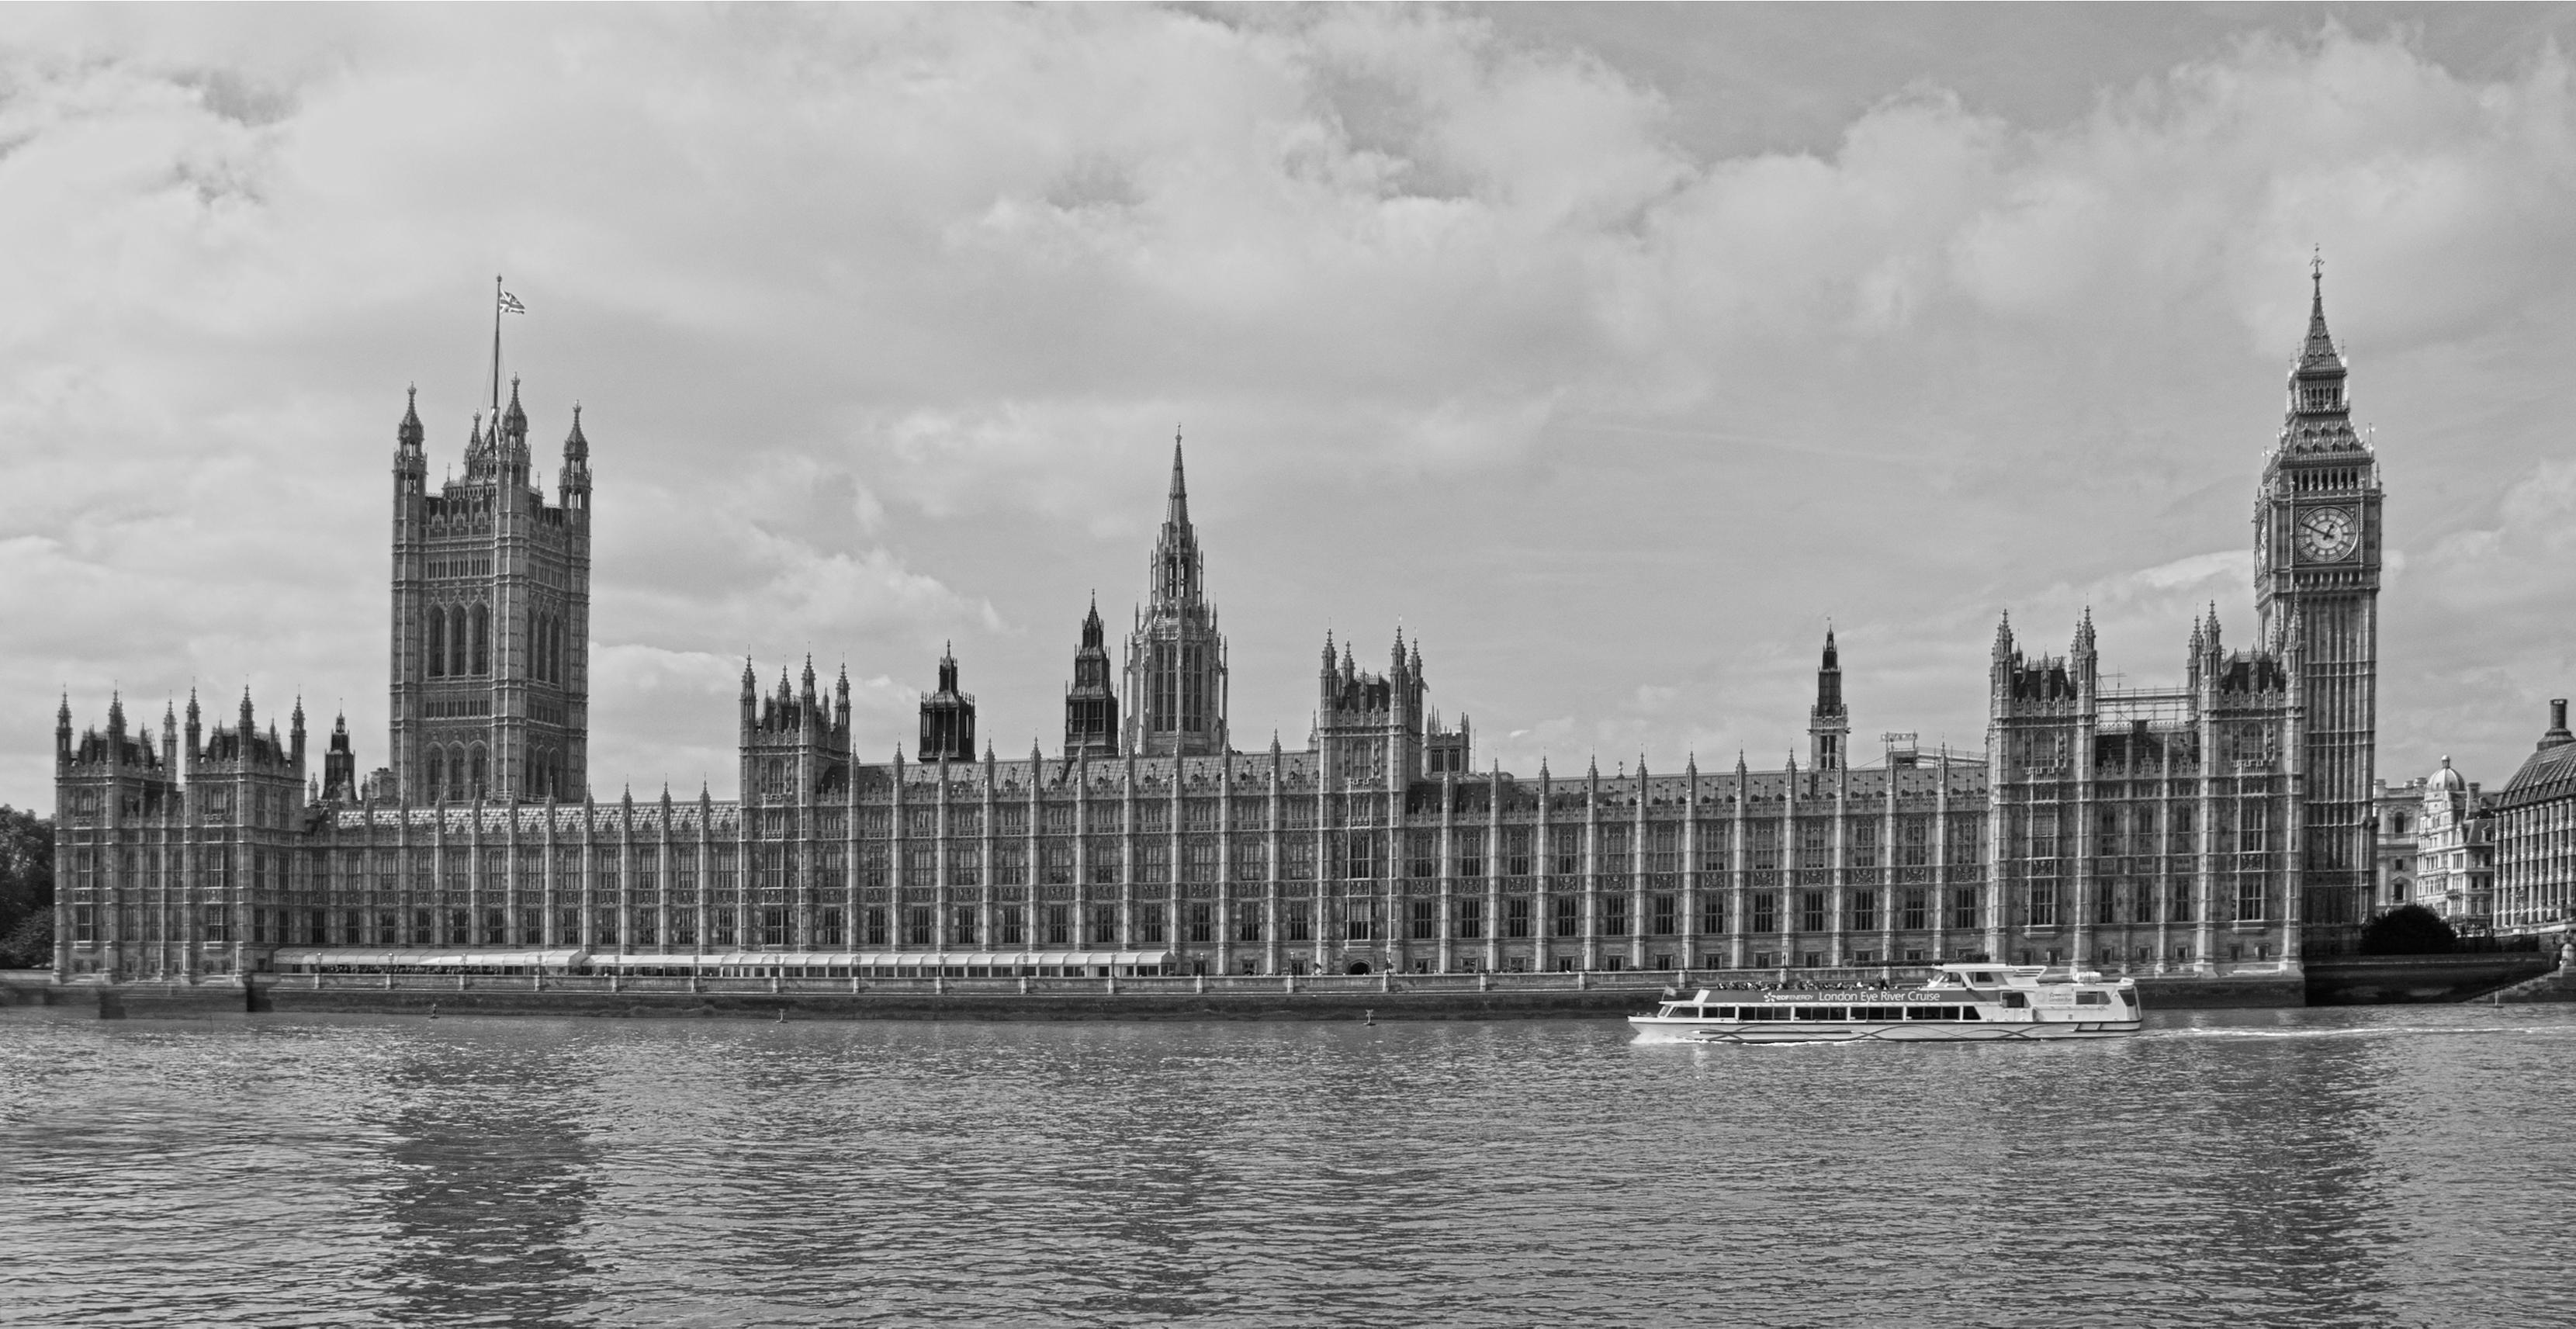 Parliament UK